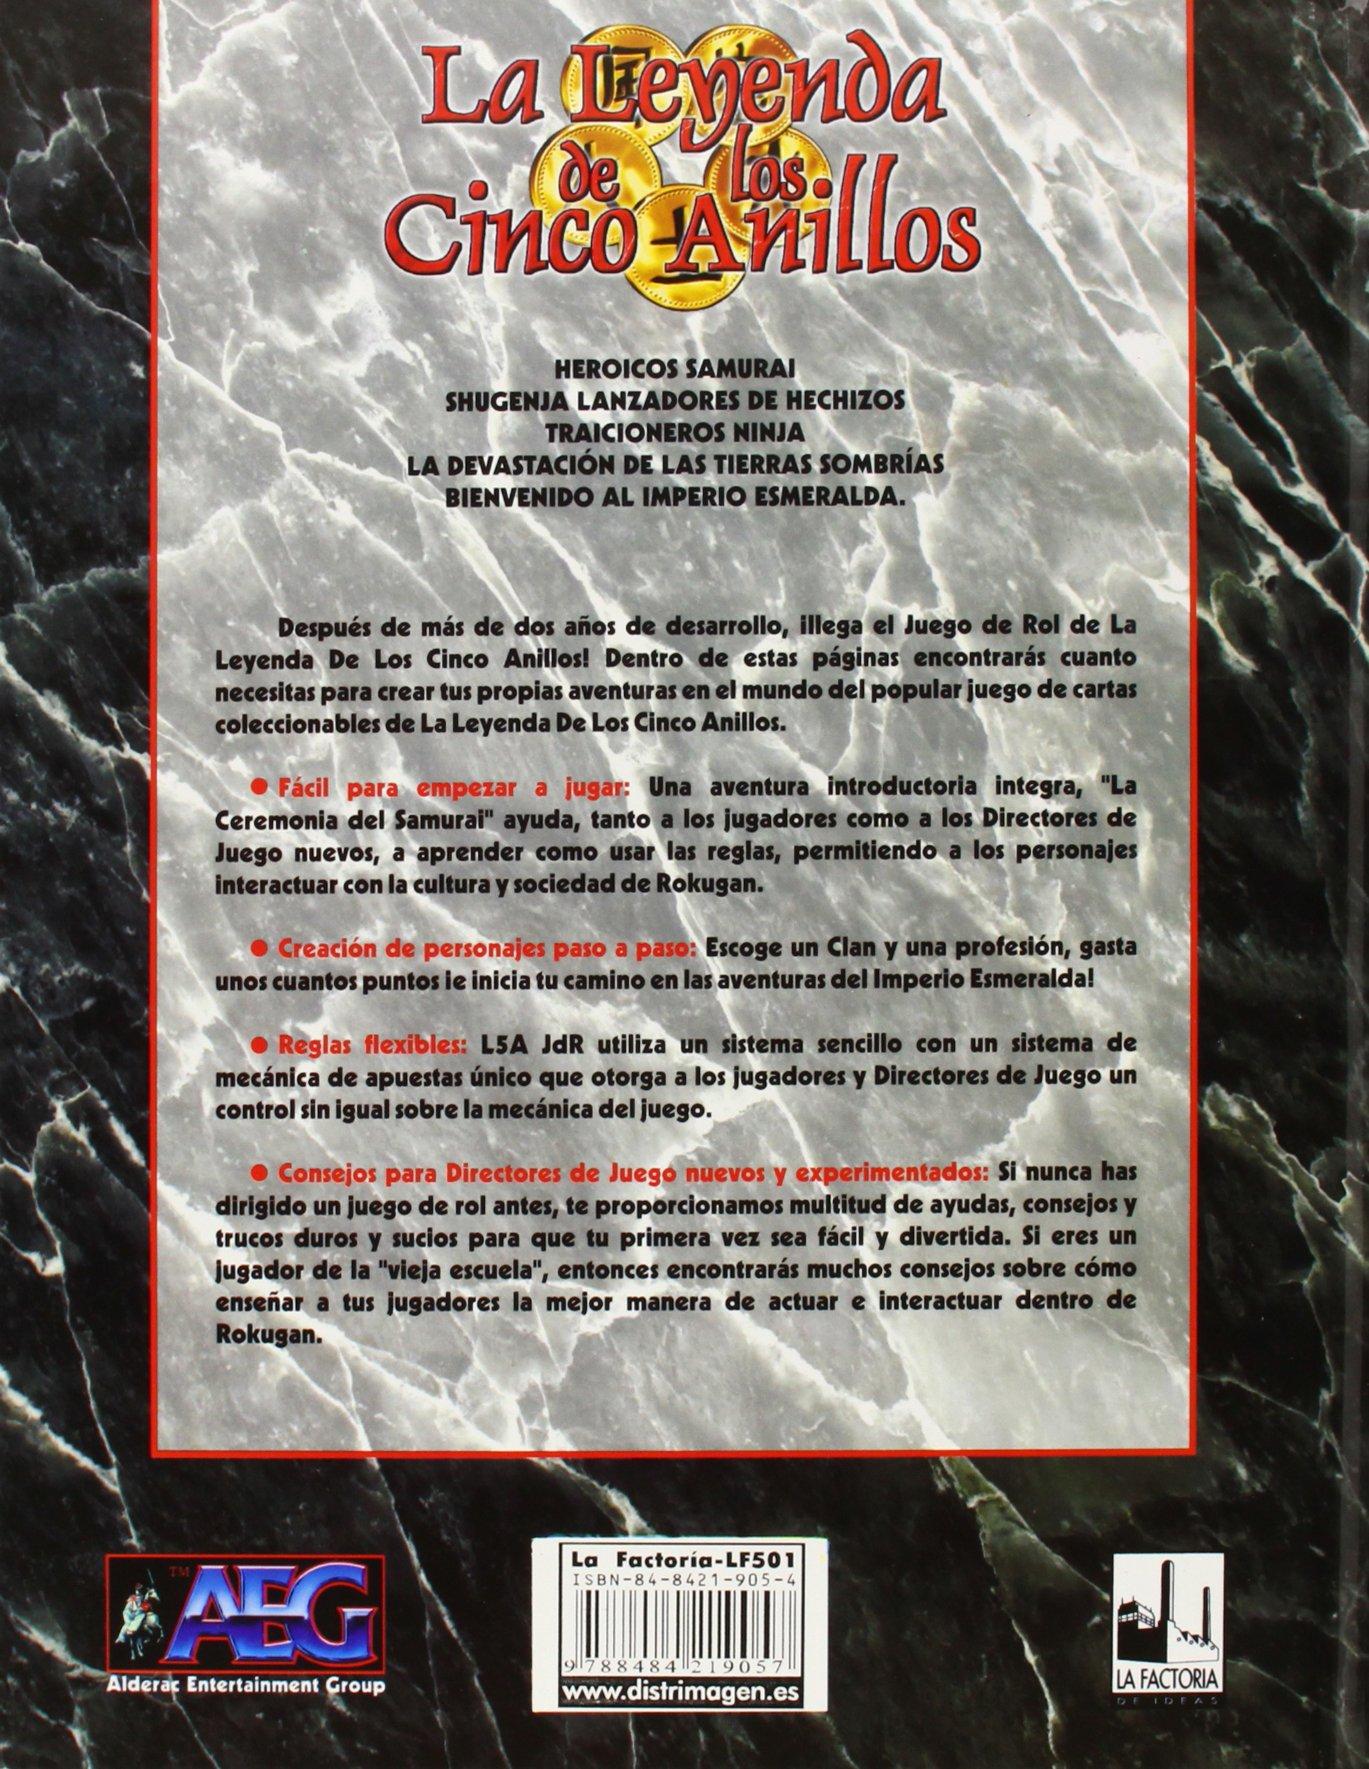 La leyenda de los 5 anillos: 9788484219057: Amazon.com: Books